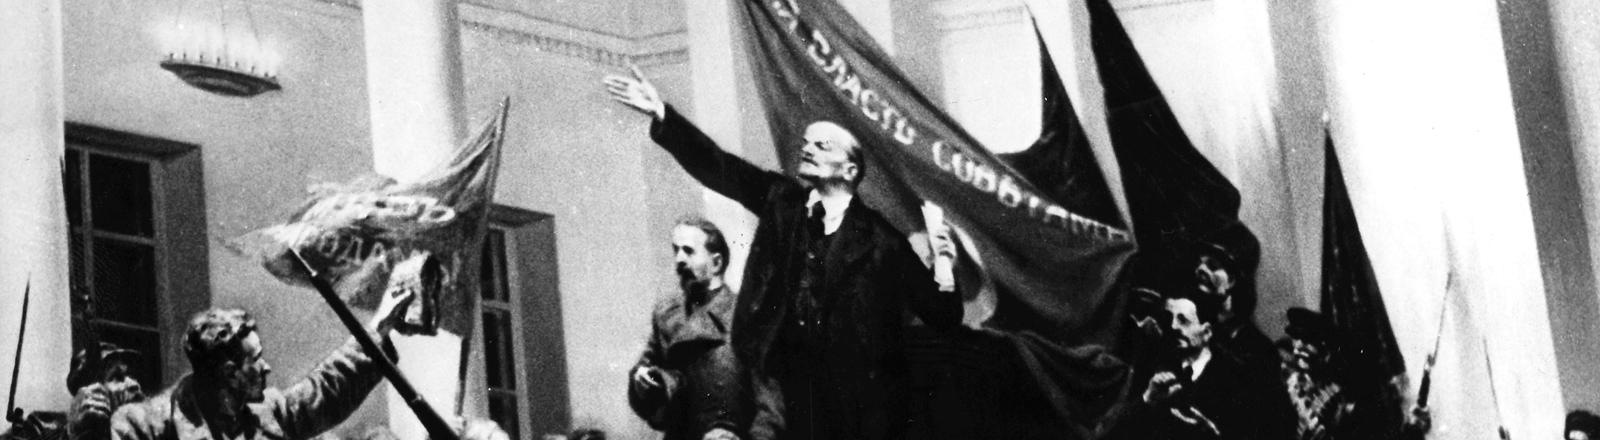 Ausschnitt eines Gemäldes, dass Lenin während der Oktoberrevolution zeigt